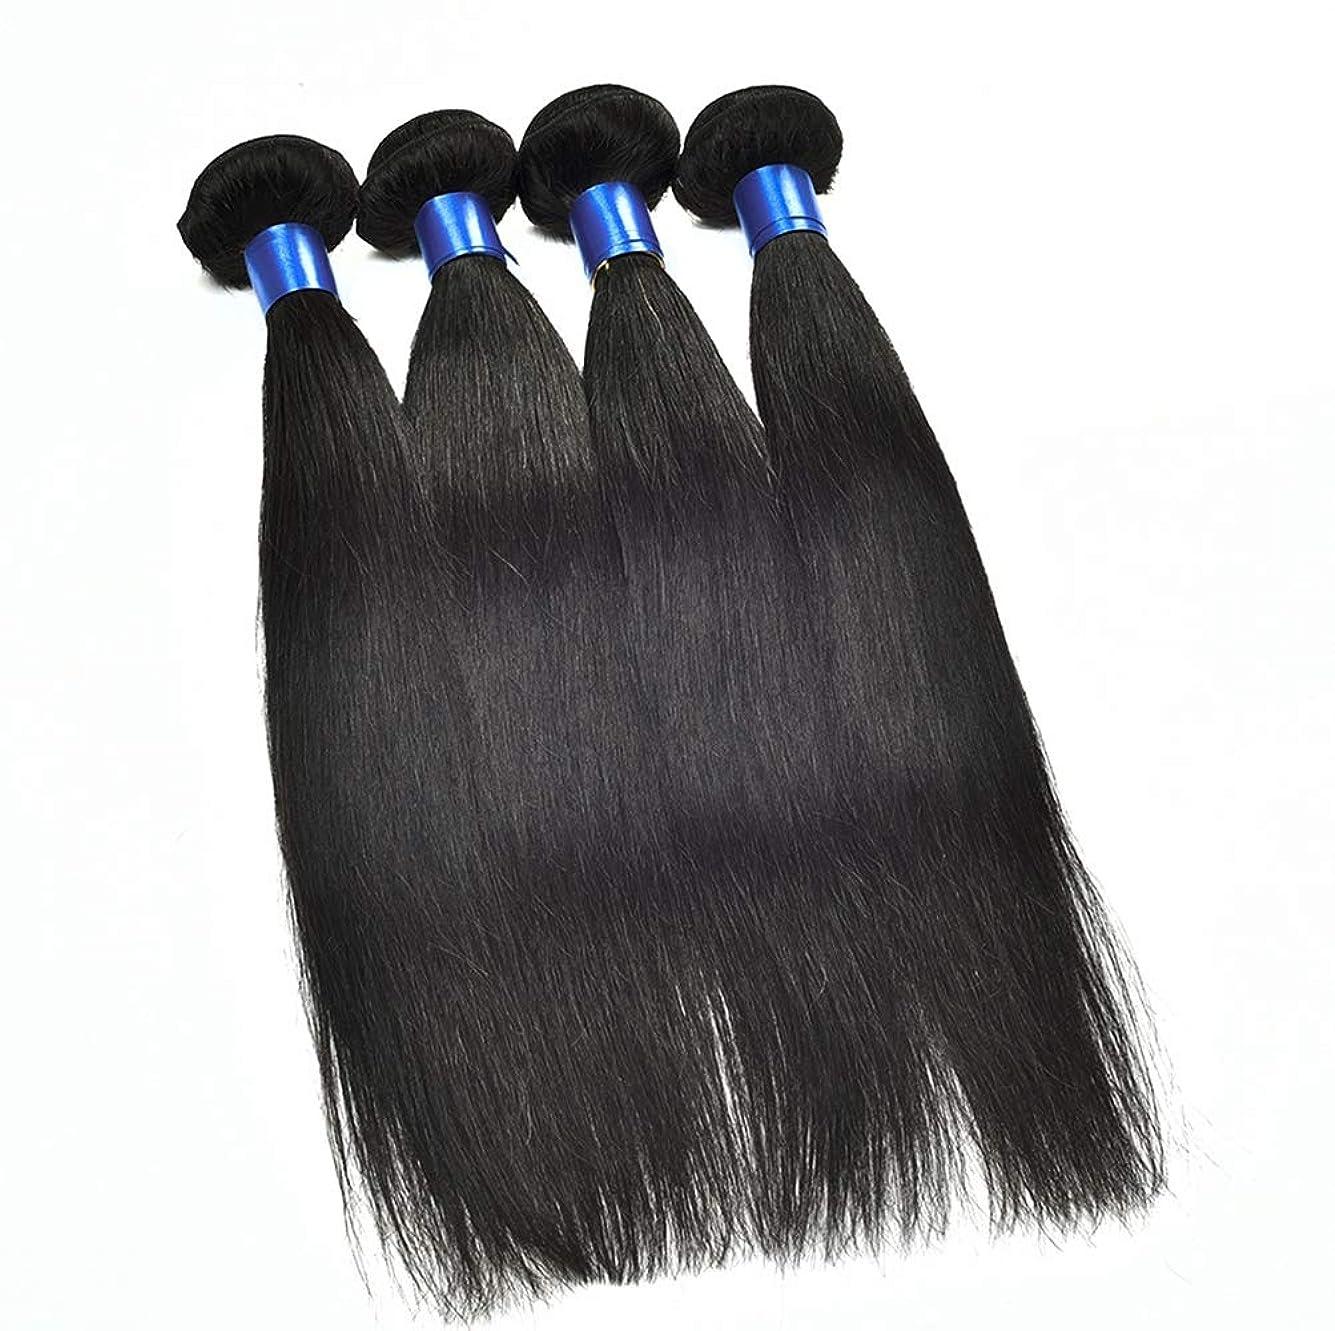 協定教え落ちた150%密度未処理ブラジル髪バンドルブラジルストレートヘア1バンドル8aストレート人間の髪の毛を編む女性の髪